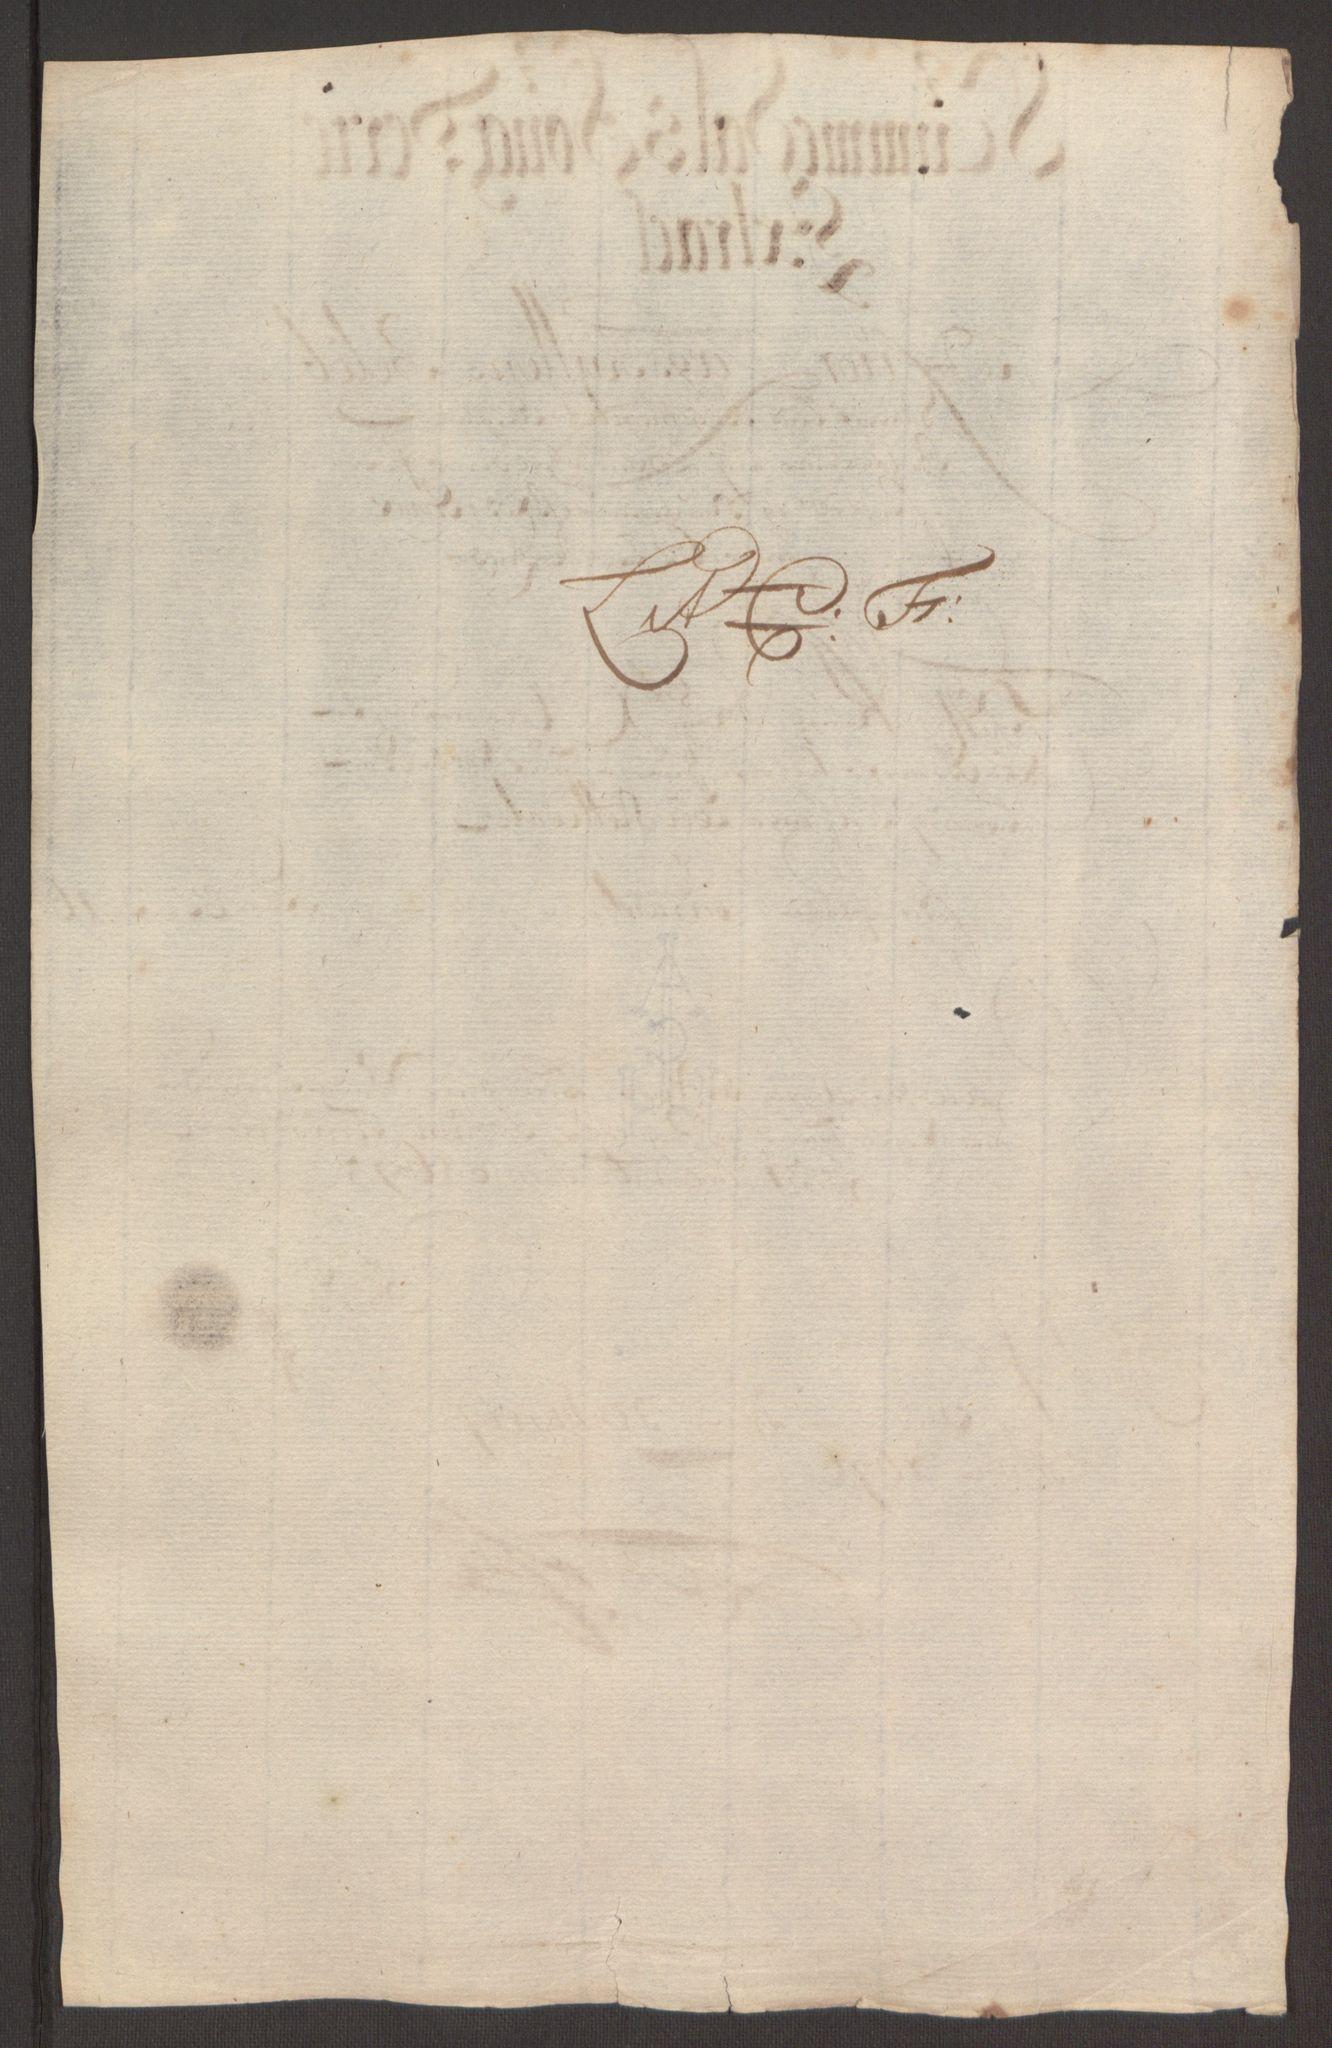 RA, Rentekammeret inntil 1814, Reviderte regnskaper, Fogderegnskap, R64/L4424: Fogderegnskap Namdal, 1692-1695, s. 479